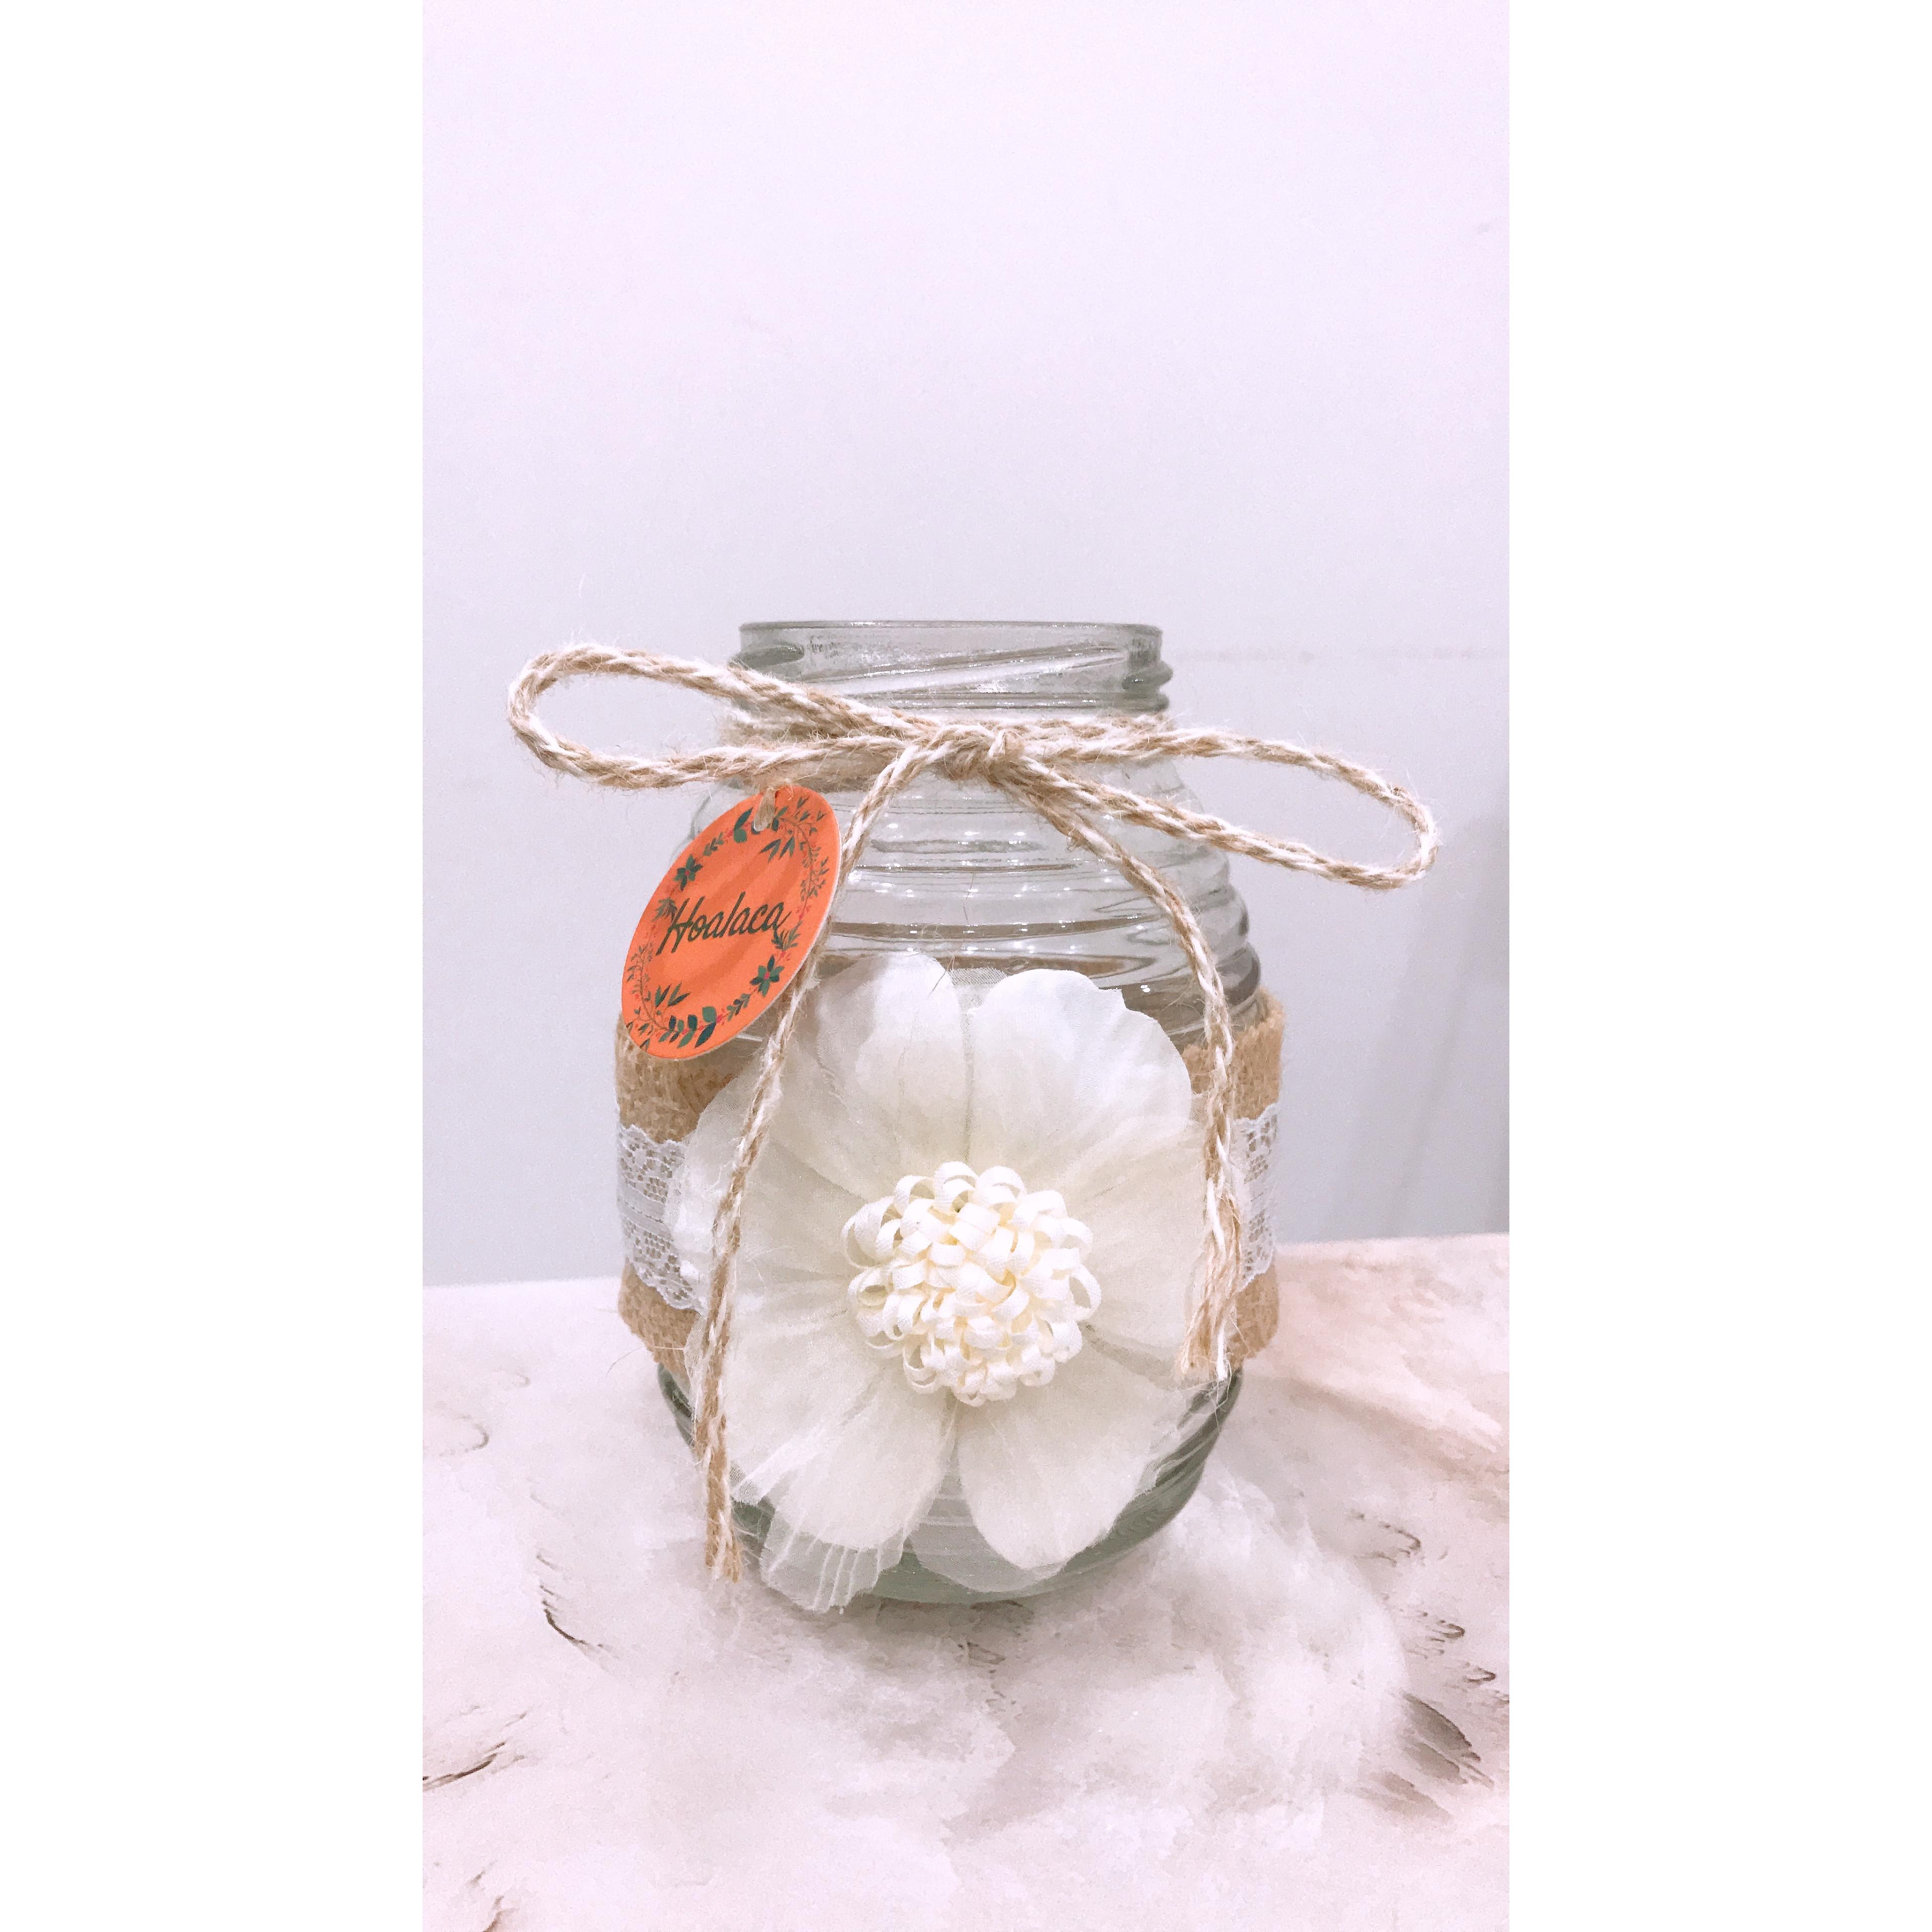 Bình thủy tinh handmade - bình mật ong